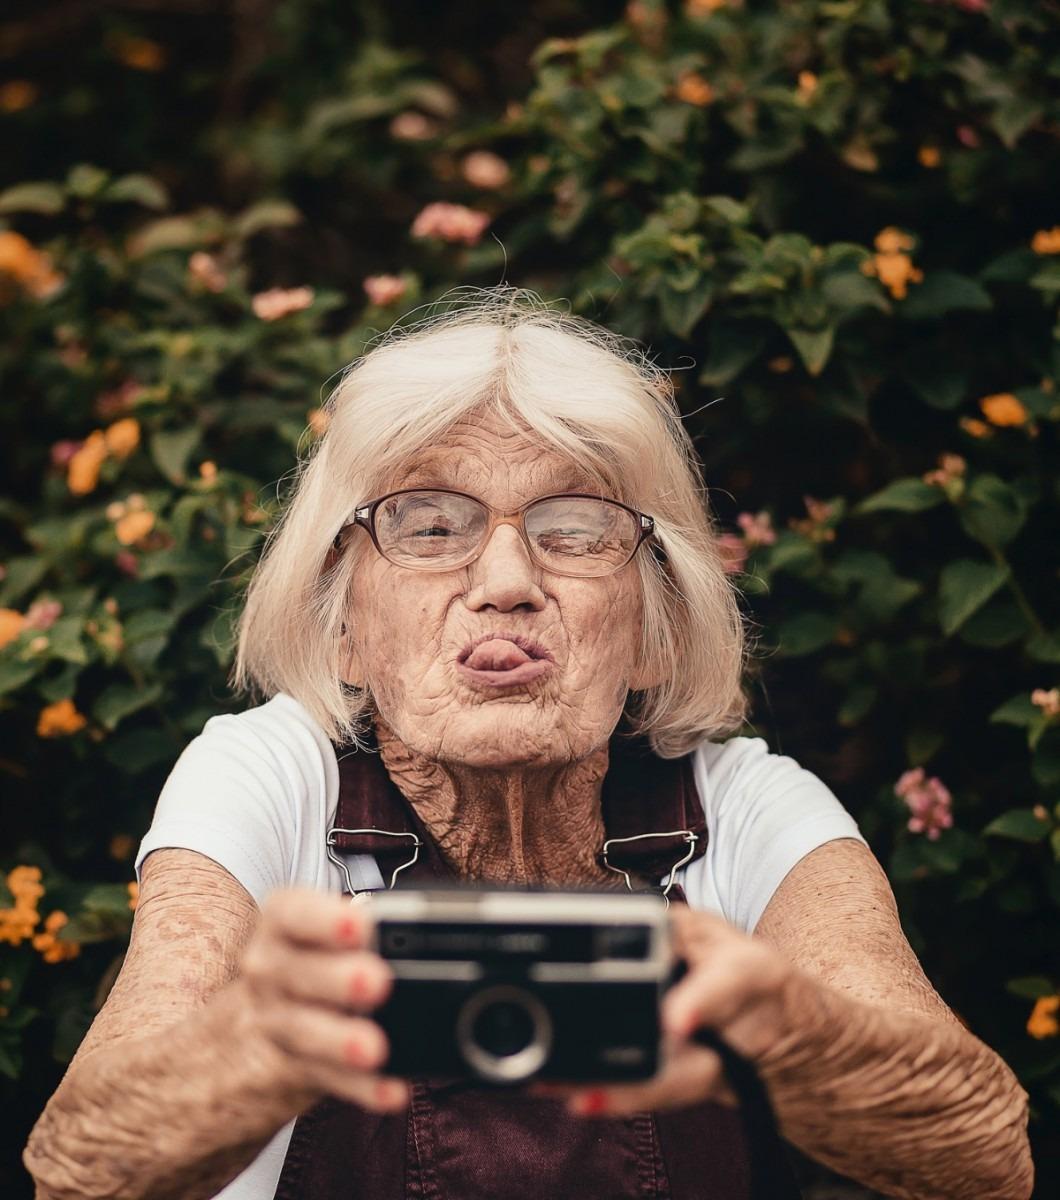 Ouderdom komt met gebreken, mobiel blijven als je ouder wordt